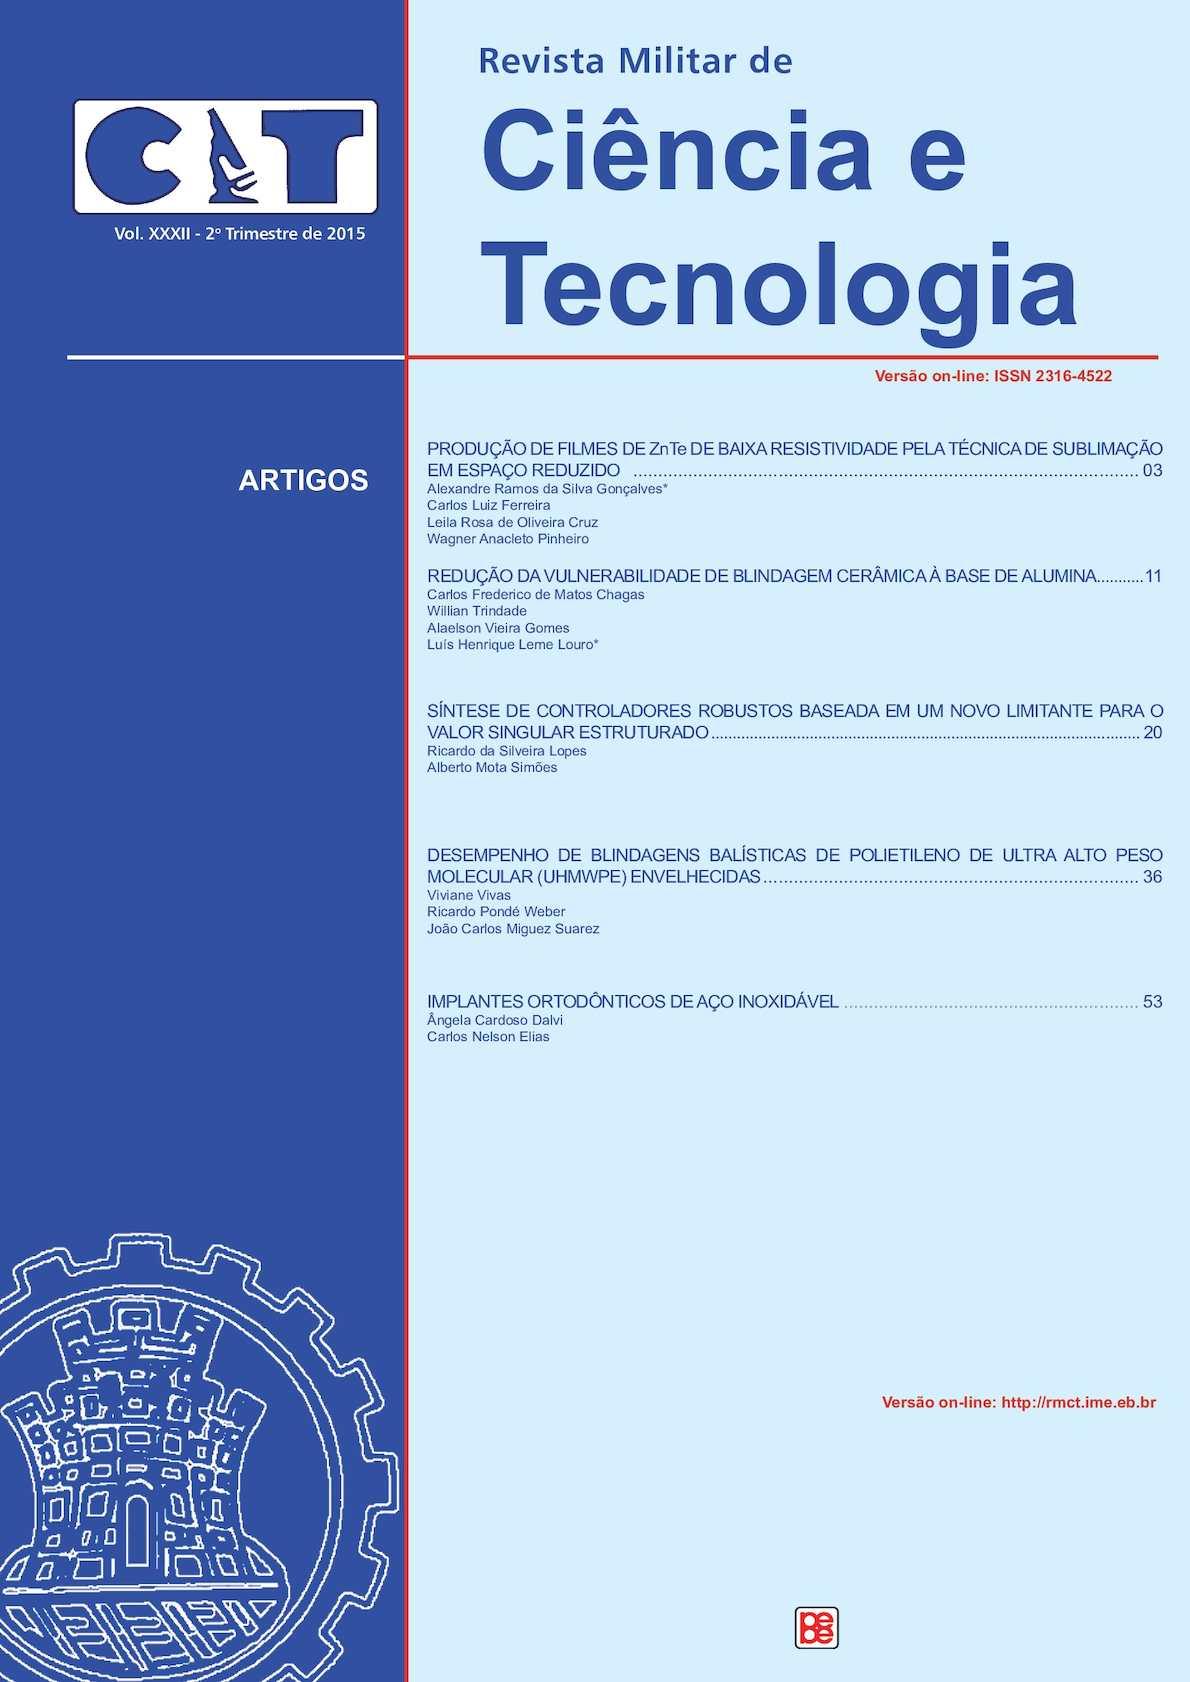 Revista Militar de Ciência e Tecnologia - 2 Trim 2015